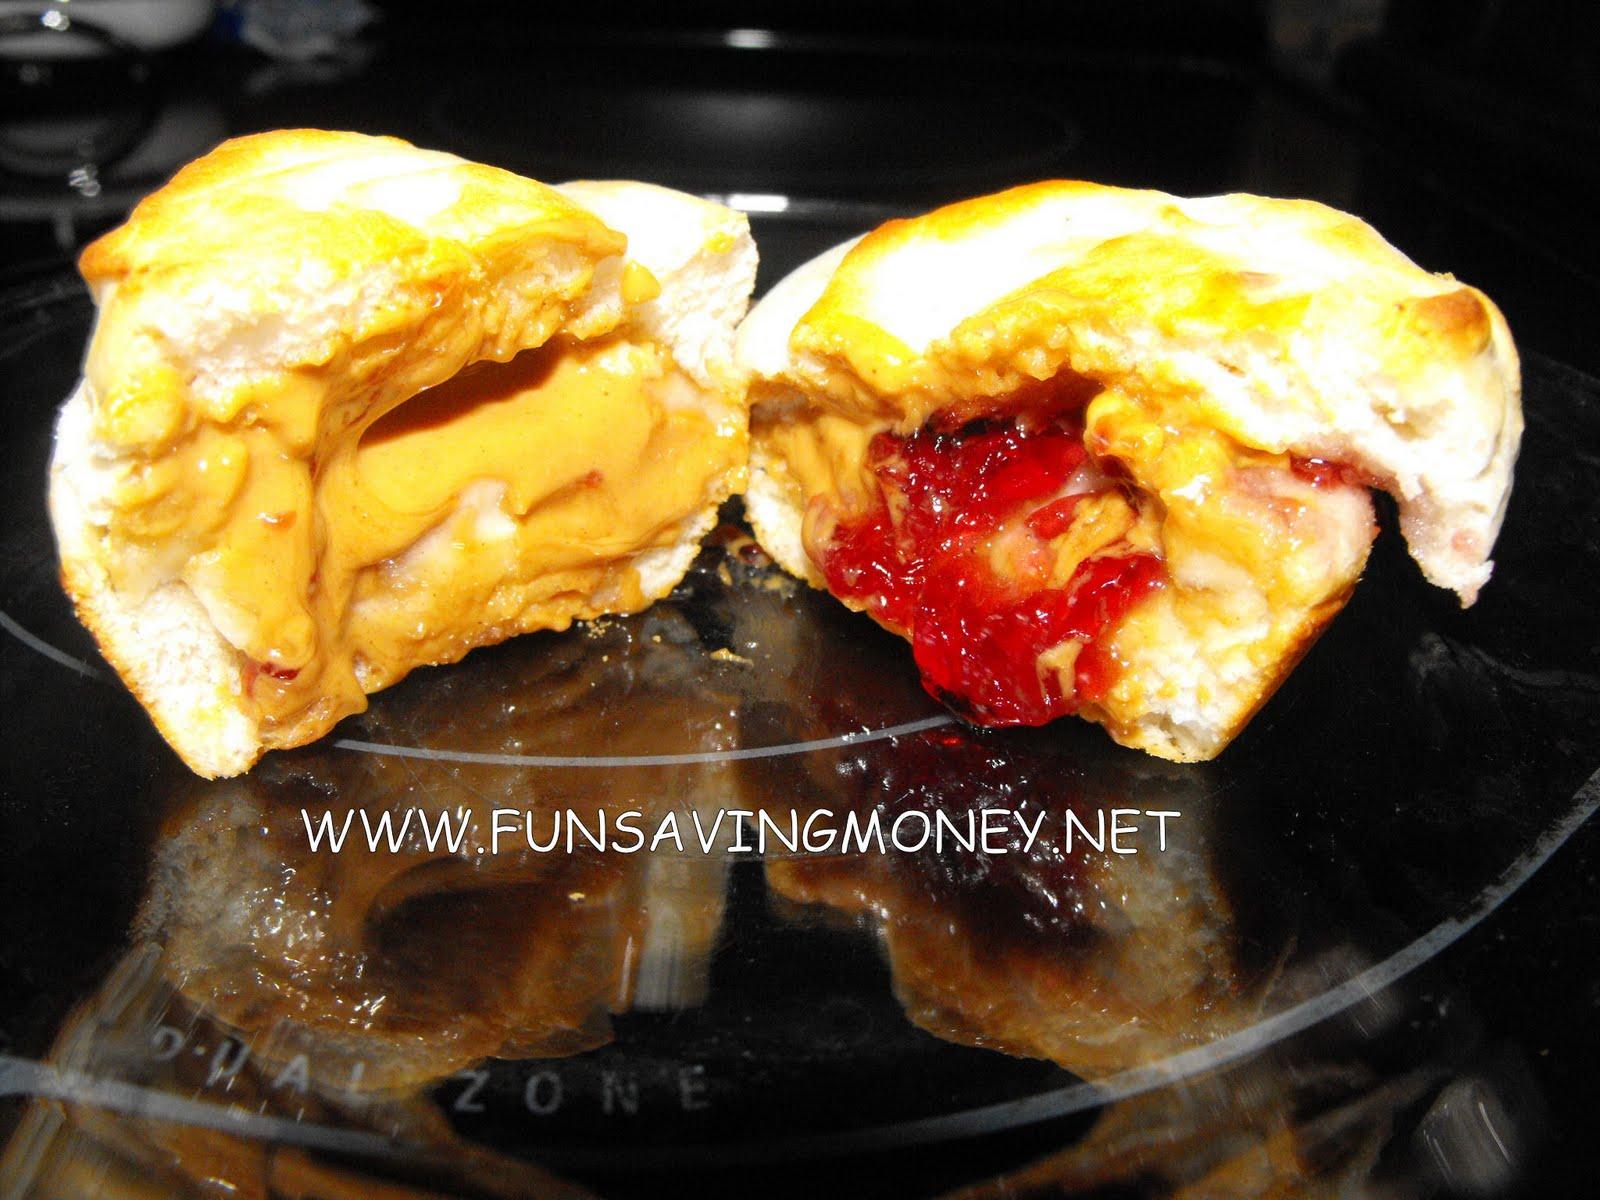 http://1.bp.blogspot.com/-friH0coIvbQ/TjXkQGKilwI/AAAAAAAAF-c/3rZ_MScjvM4/s1600/20110730_8.JPG